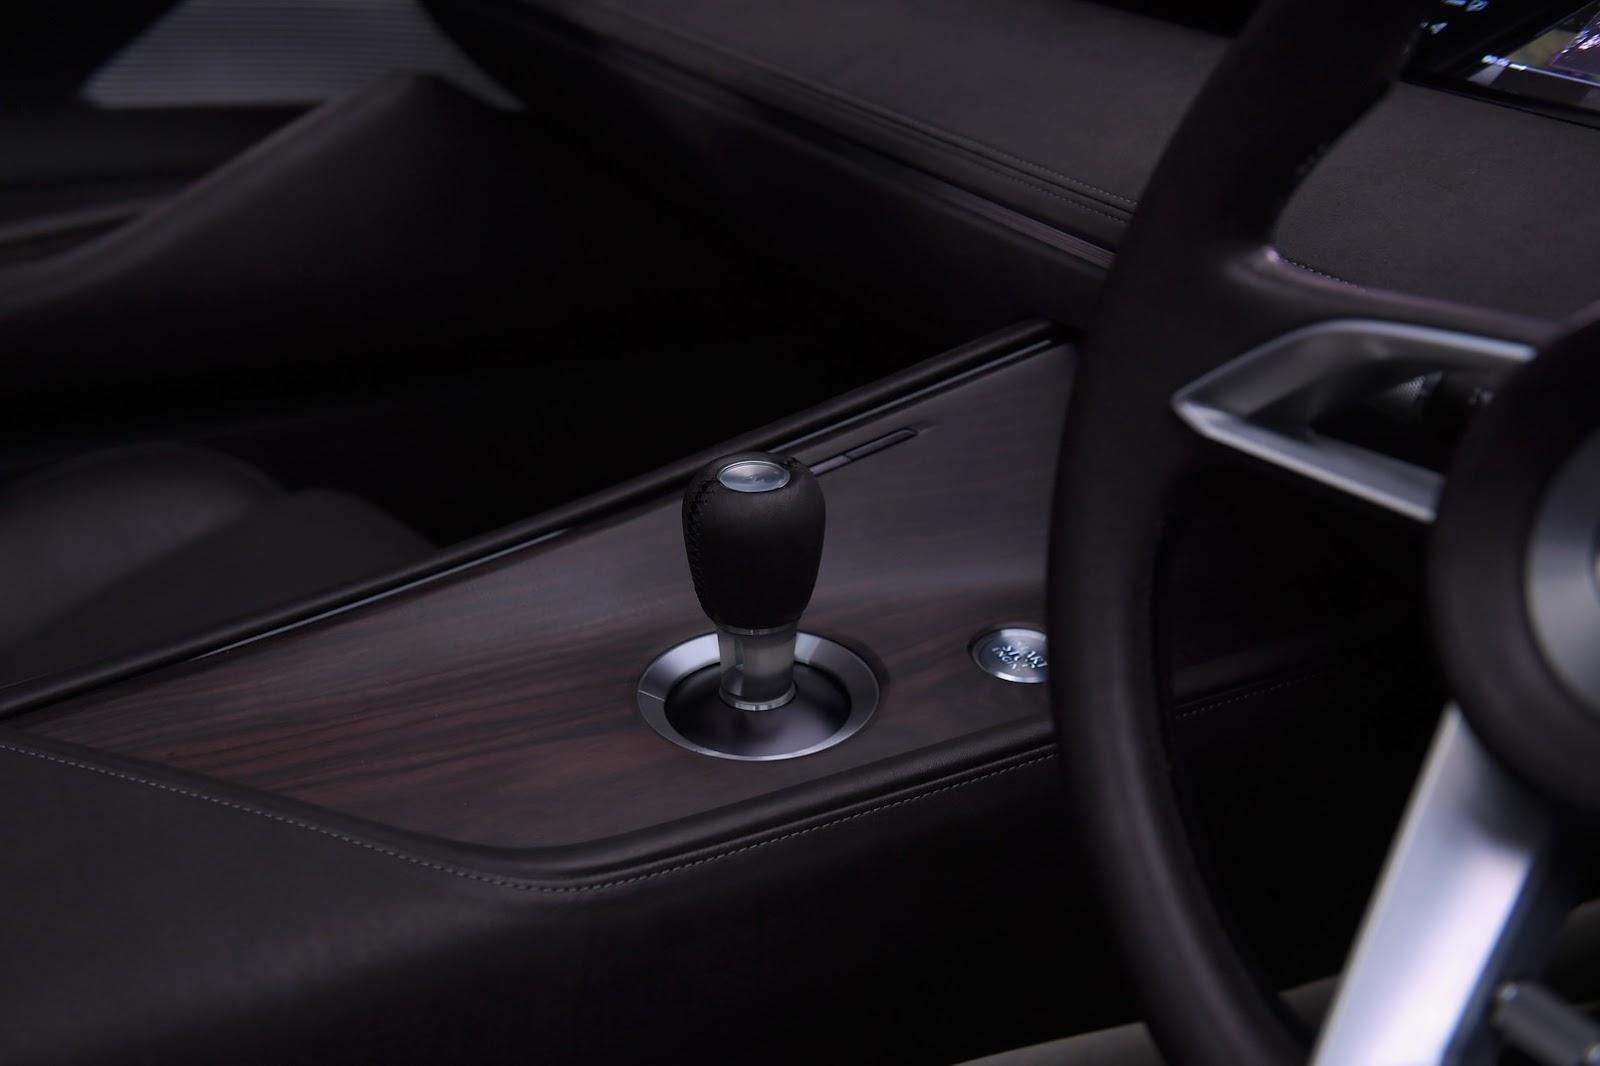 Mazda đang phát triển động cơ xăng và dầu 6 động cơ Skyactiv-X mới - 11